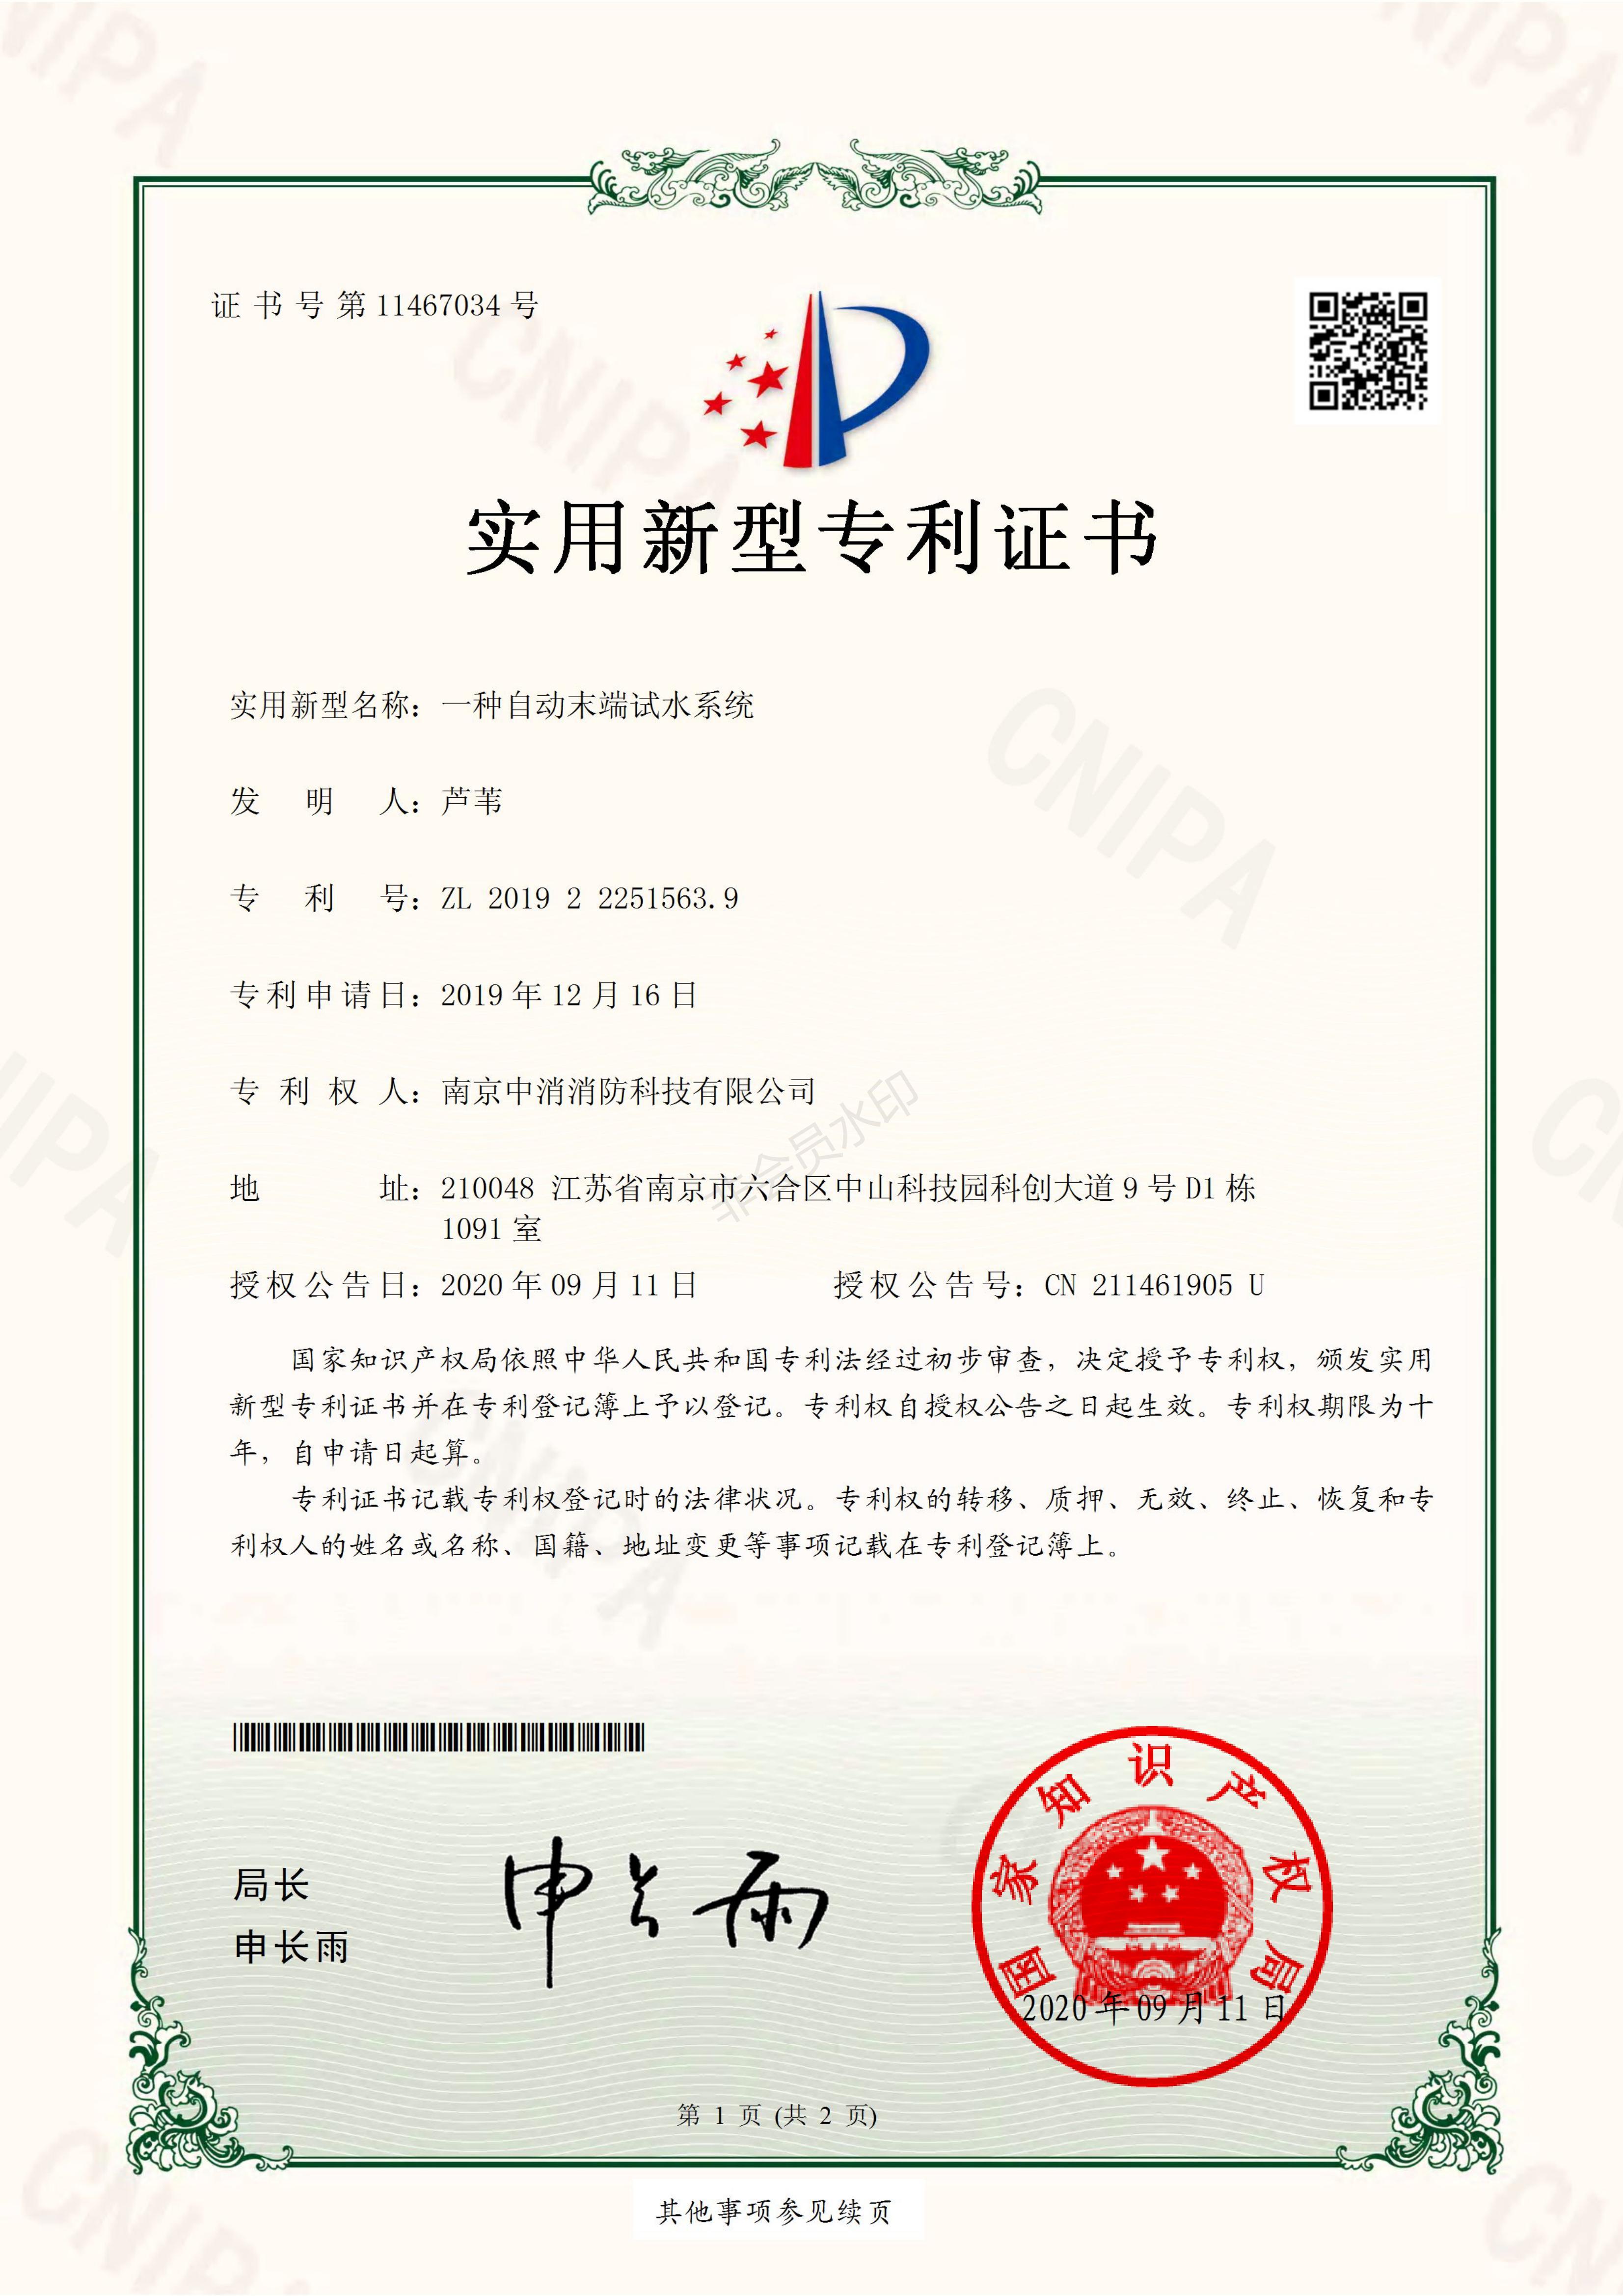 南京中消消防科技有限公司实用新型专利三